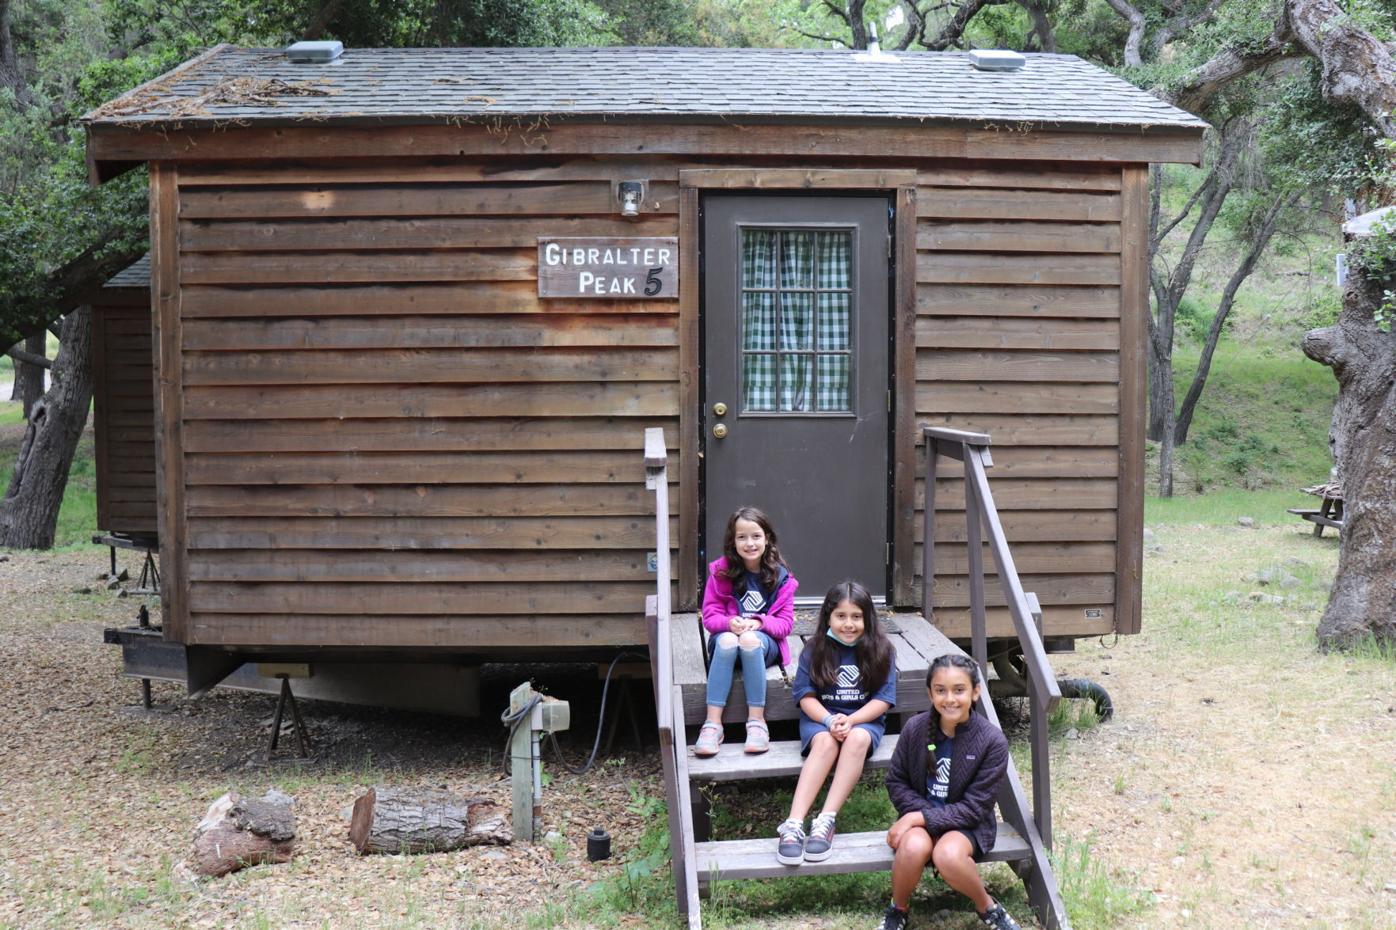 042721 Camp Whittier 2